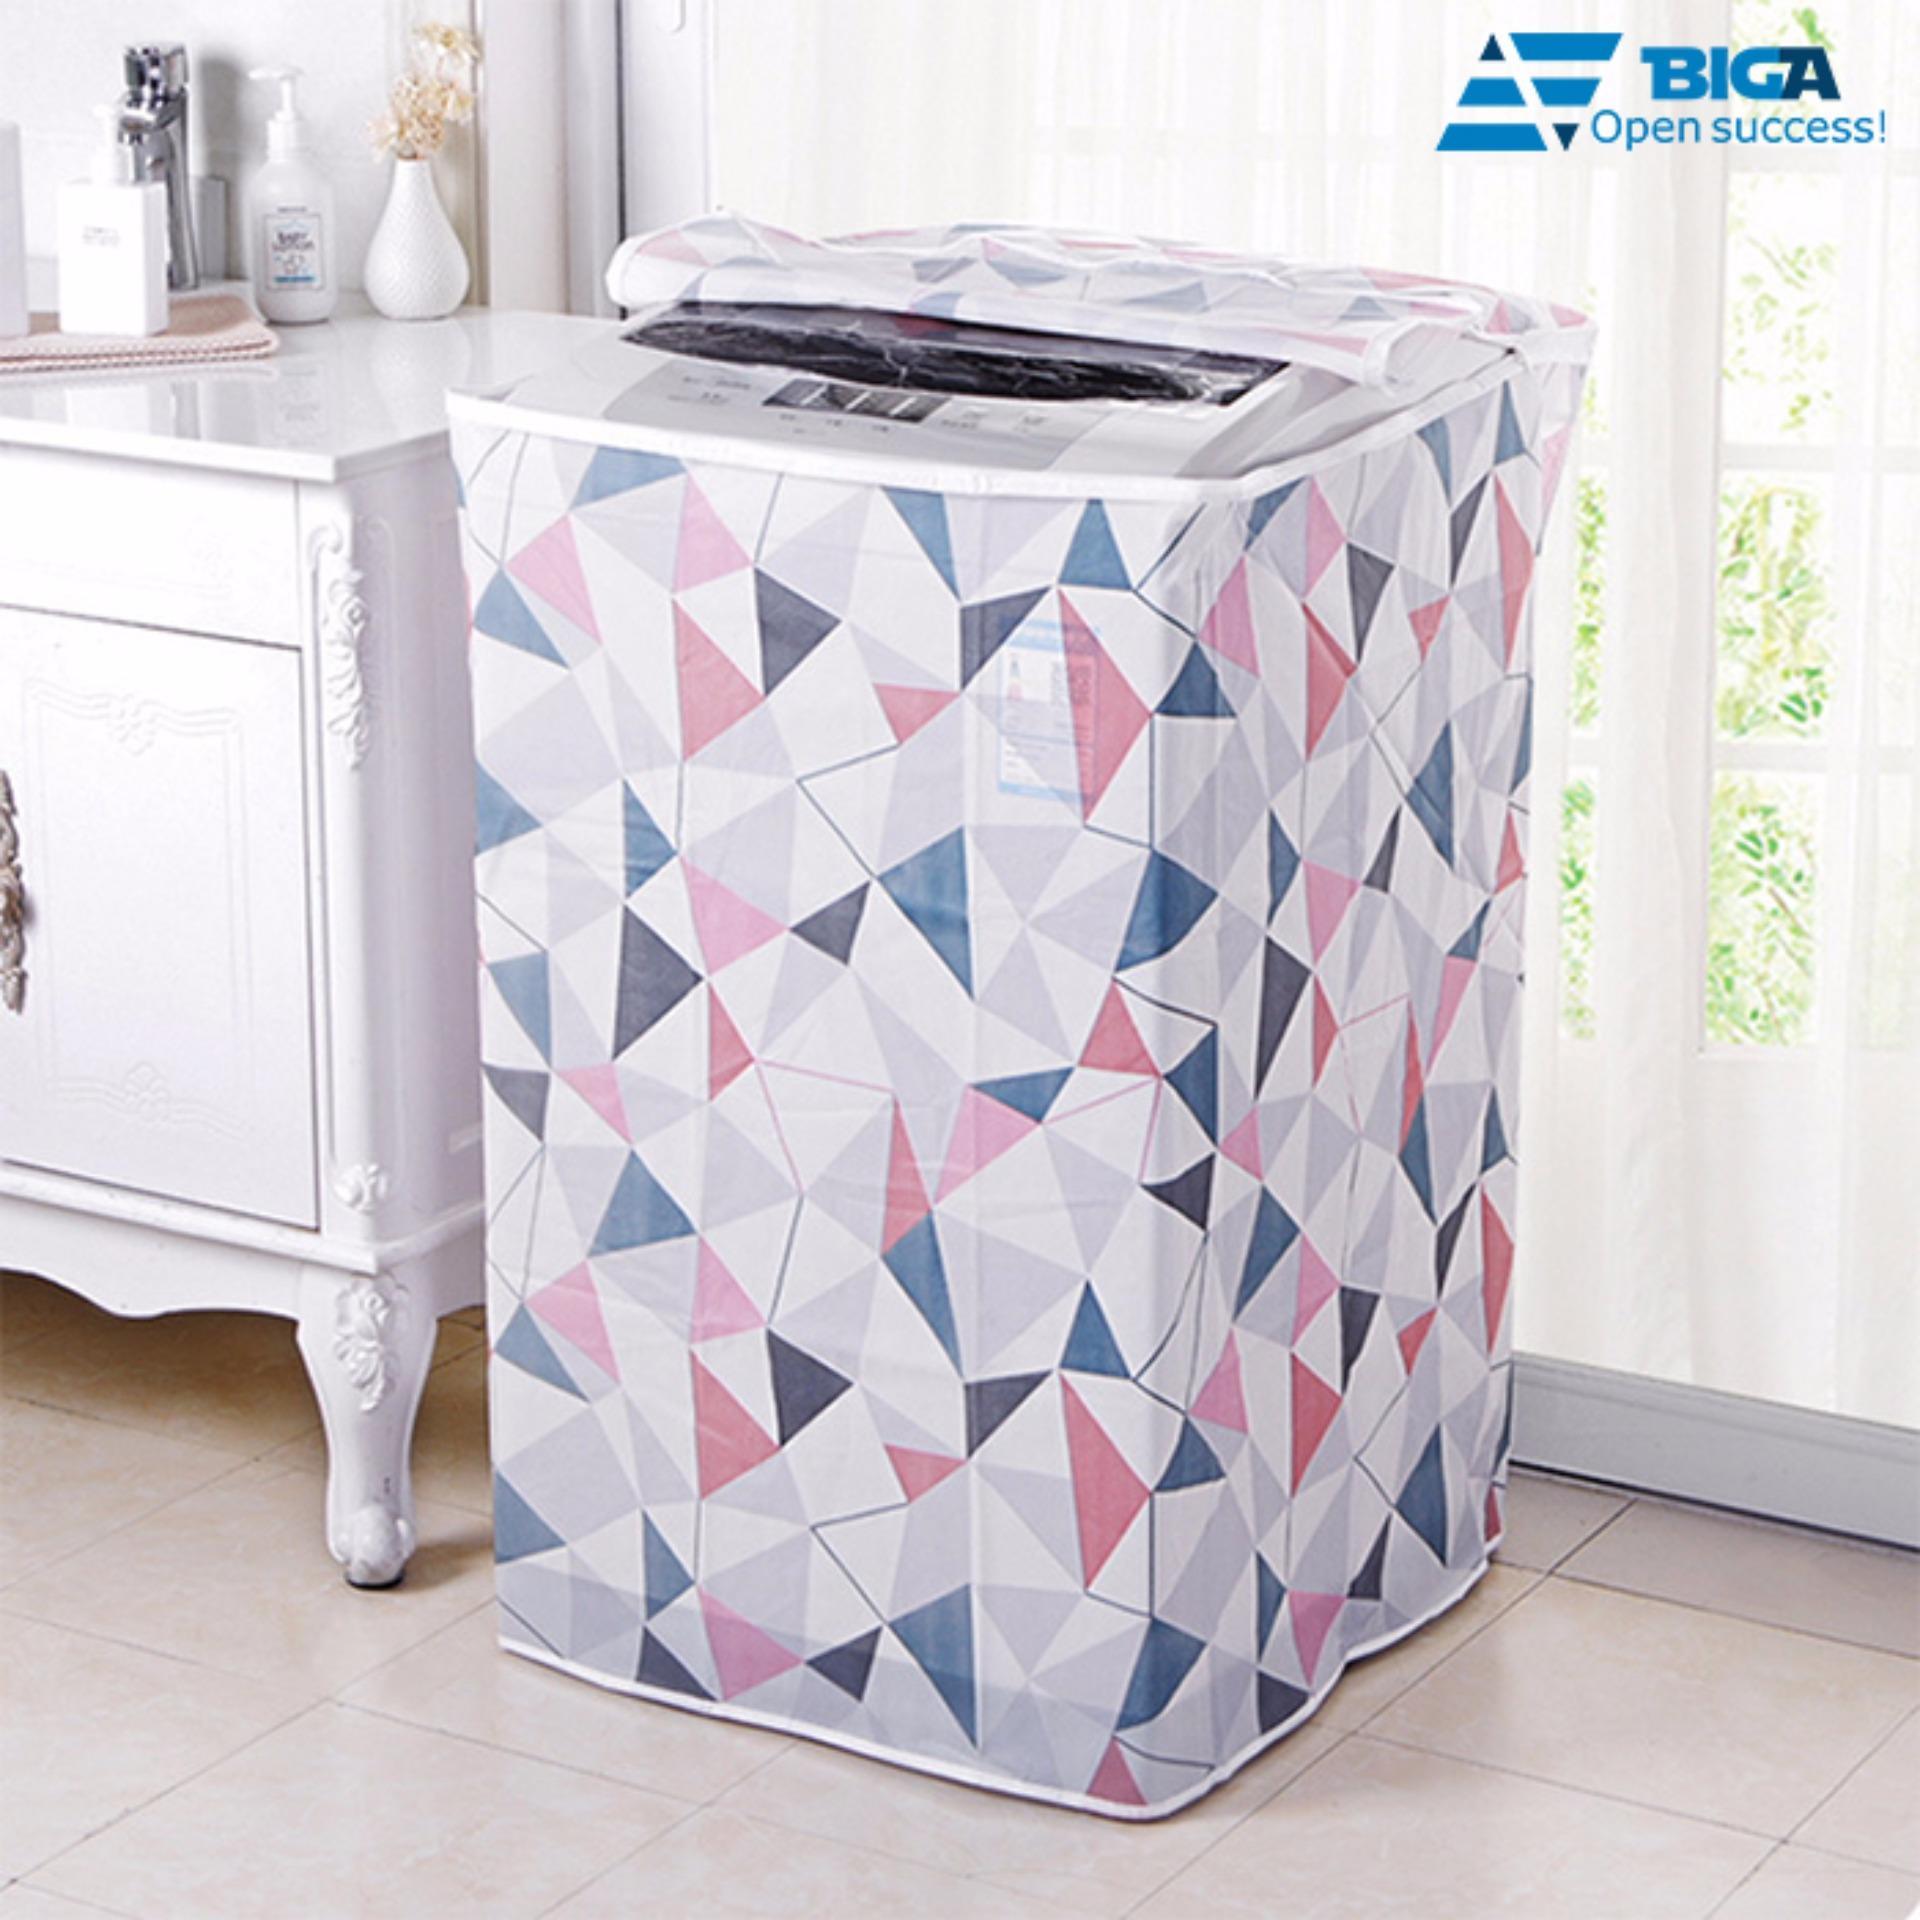 Hình ảnh Phủ Máy Giặt Fecor Trang Trí F1 Kim Cương US04963 (Cửa Trên) (Mẫu Ngẫu Nhiên)